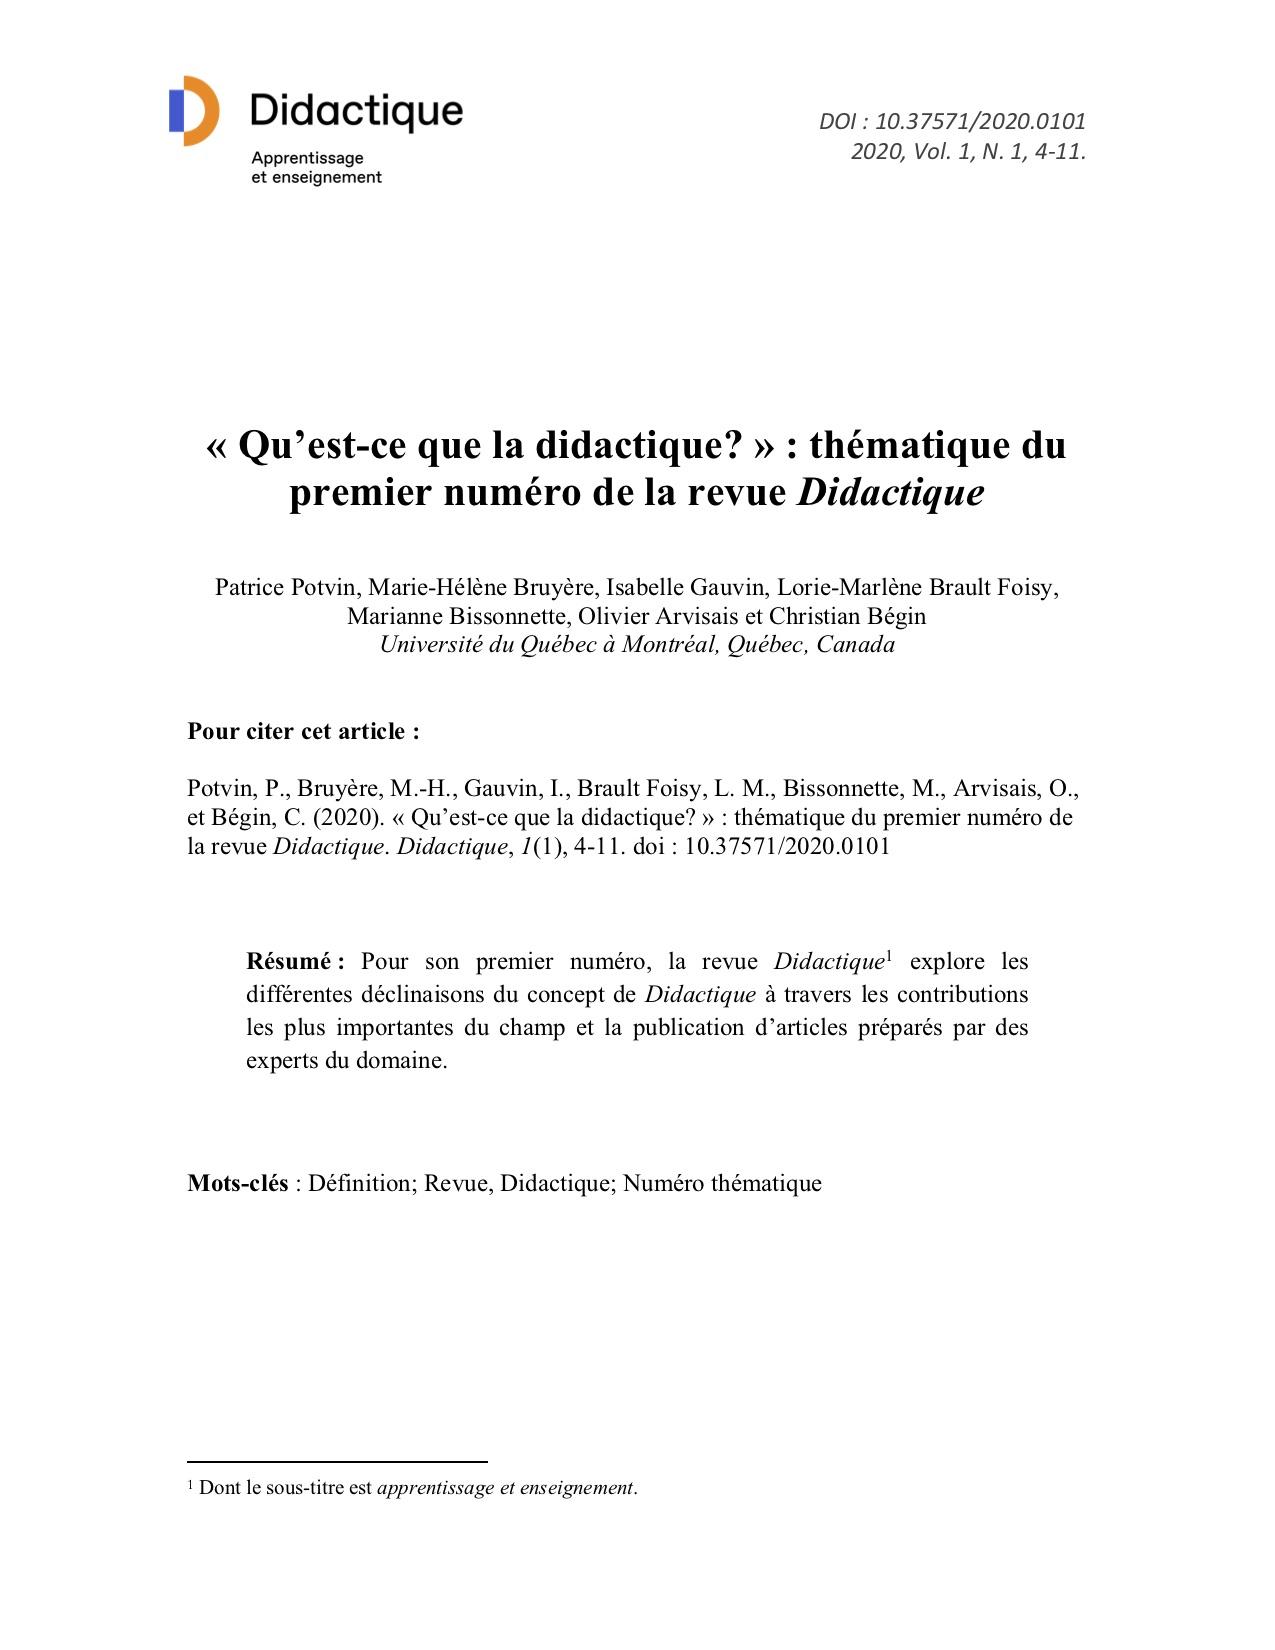 Page couverture du premier article